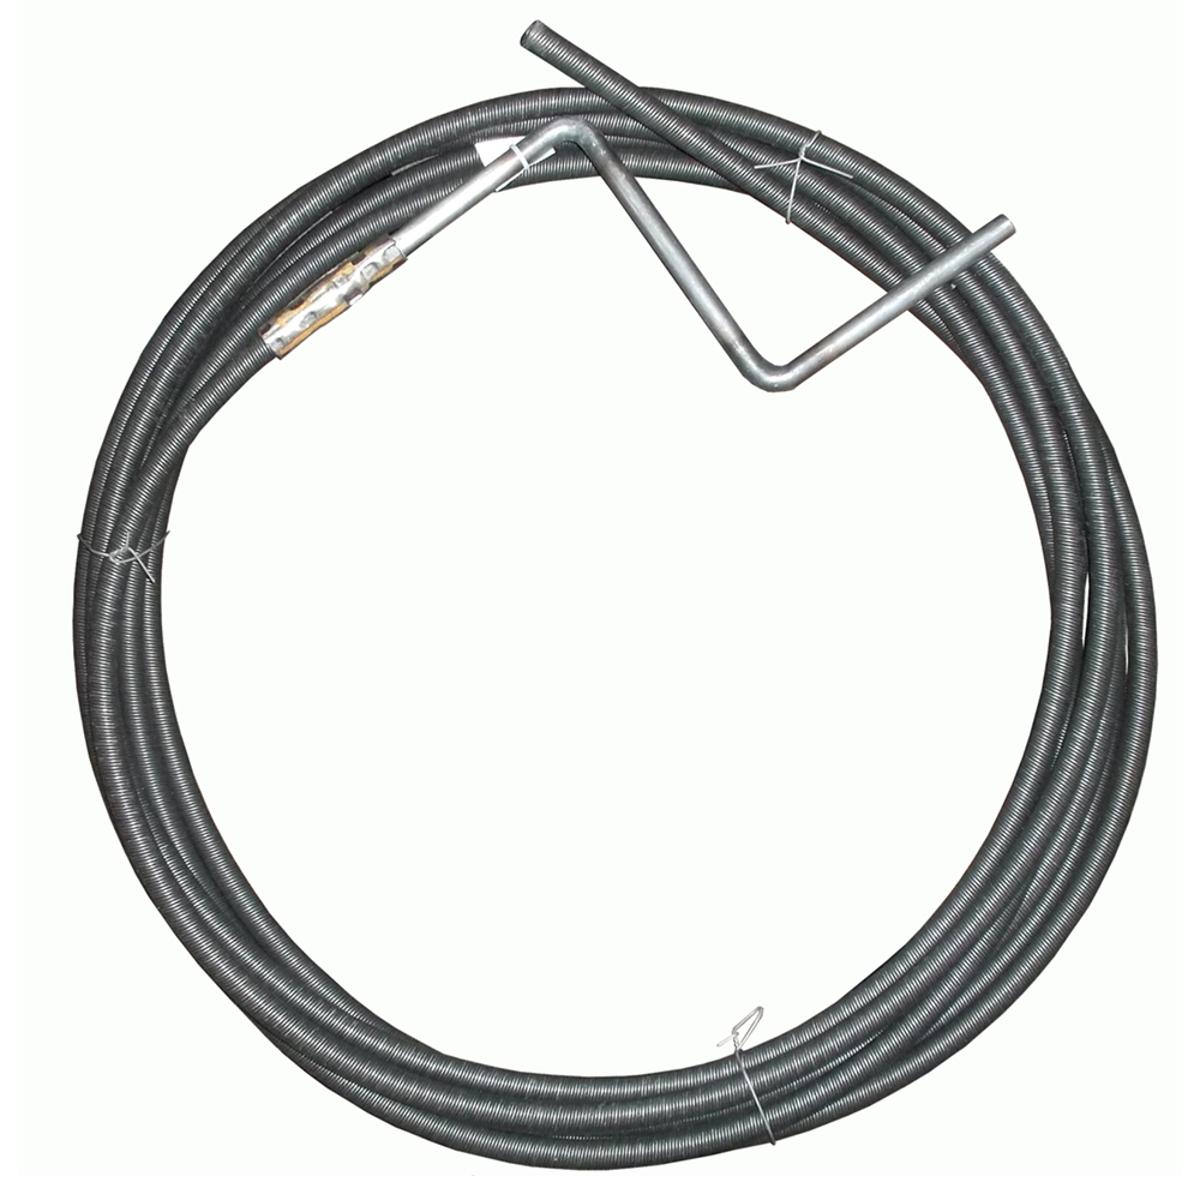 Трос для прочистки канализационных труб Masterprof, пружинный, 5,5 мм х 3 мИС.130018Пружинный трос Masterprof предназначен для прочистки канализационных труб.Диаметр: 5,5 мм.Длина 3 метра.